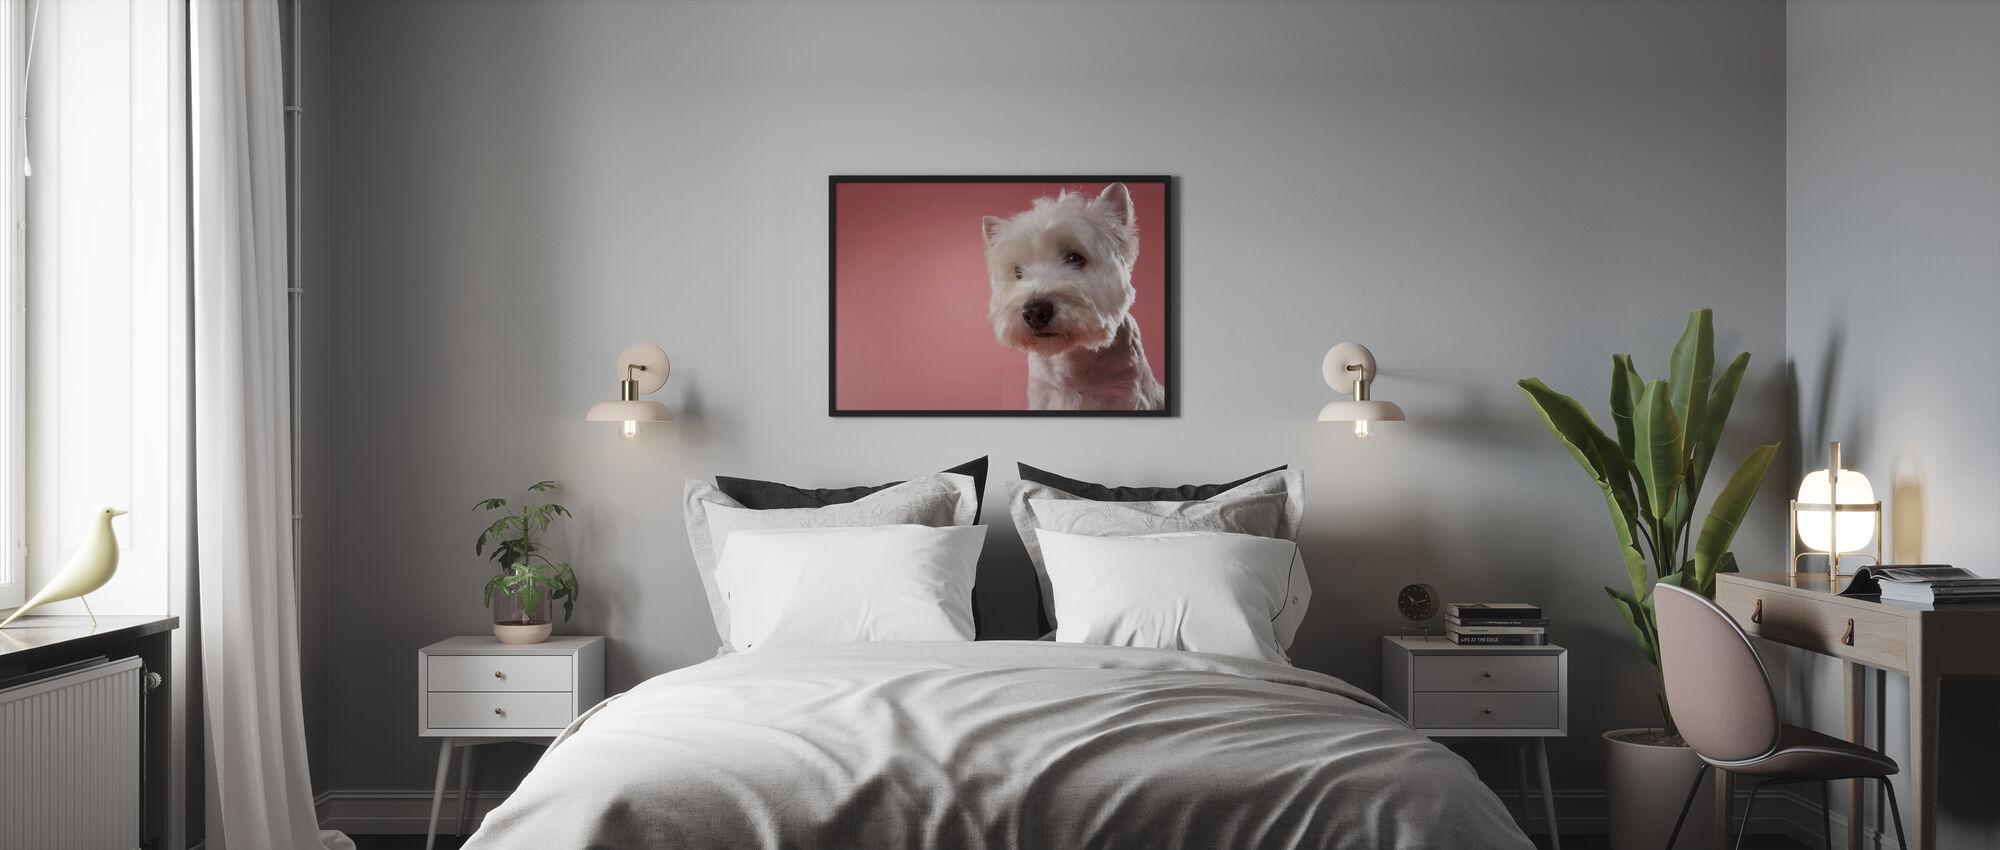 West Highland Terrier - Framed print - Bedroom